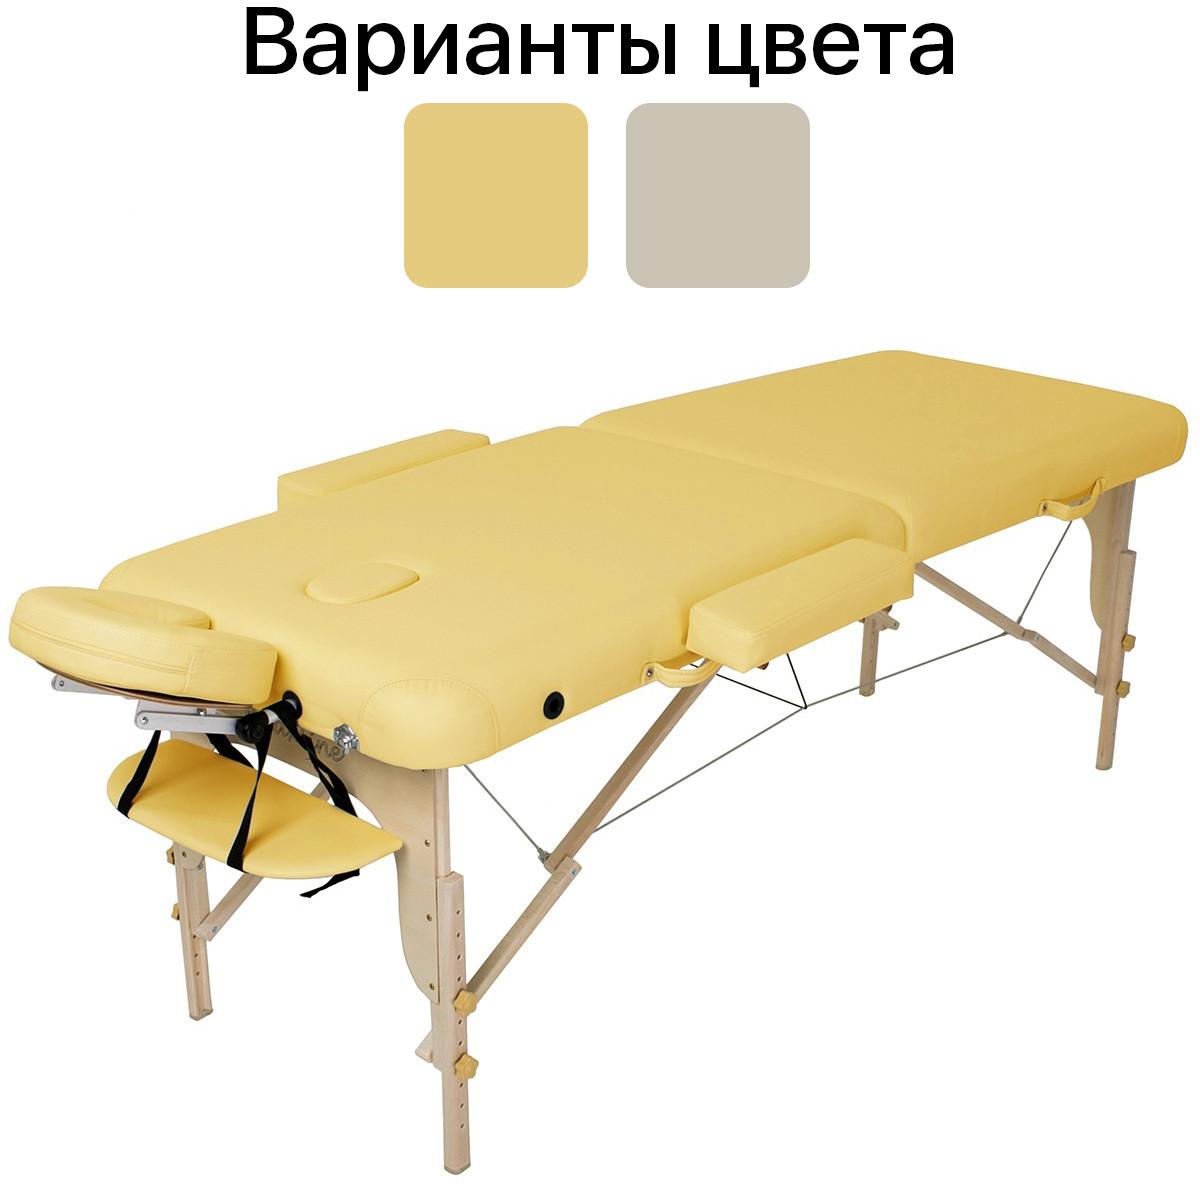 Массажный стол деревянный 2-х сегментный RelaxLine Cleopatra кушетка массажная для массажа